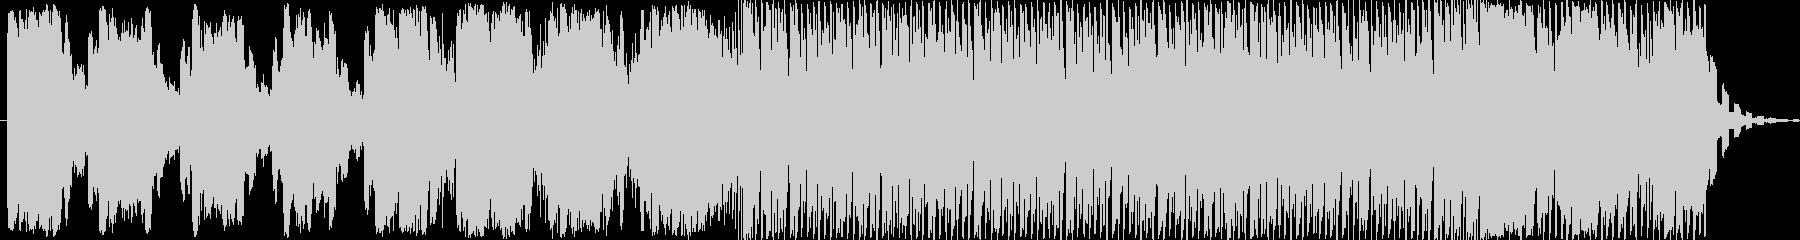 ダークでスペーシーなエレクトロニカの未再生の波形